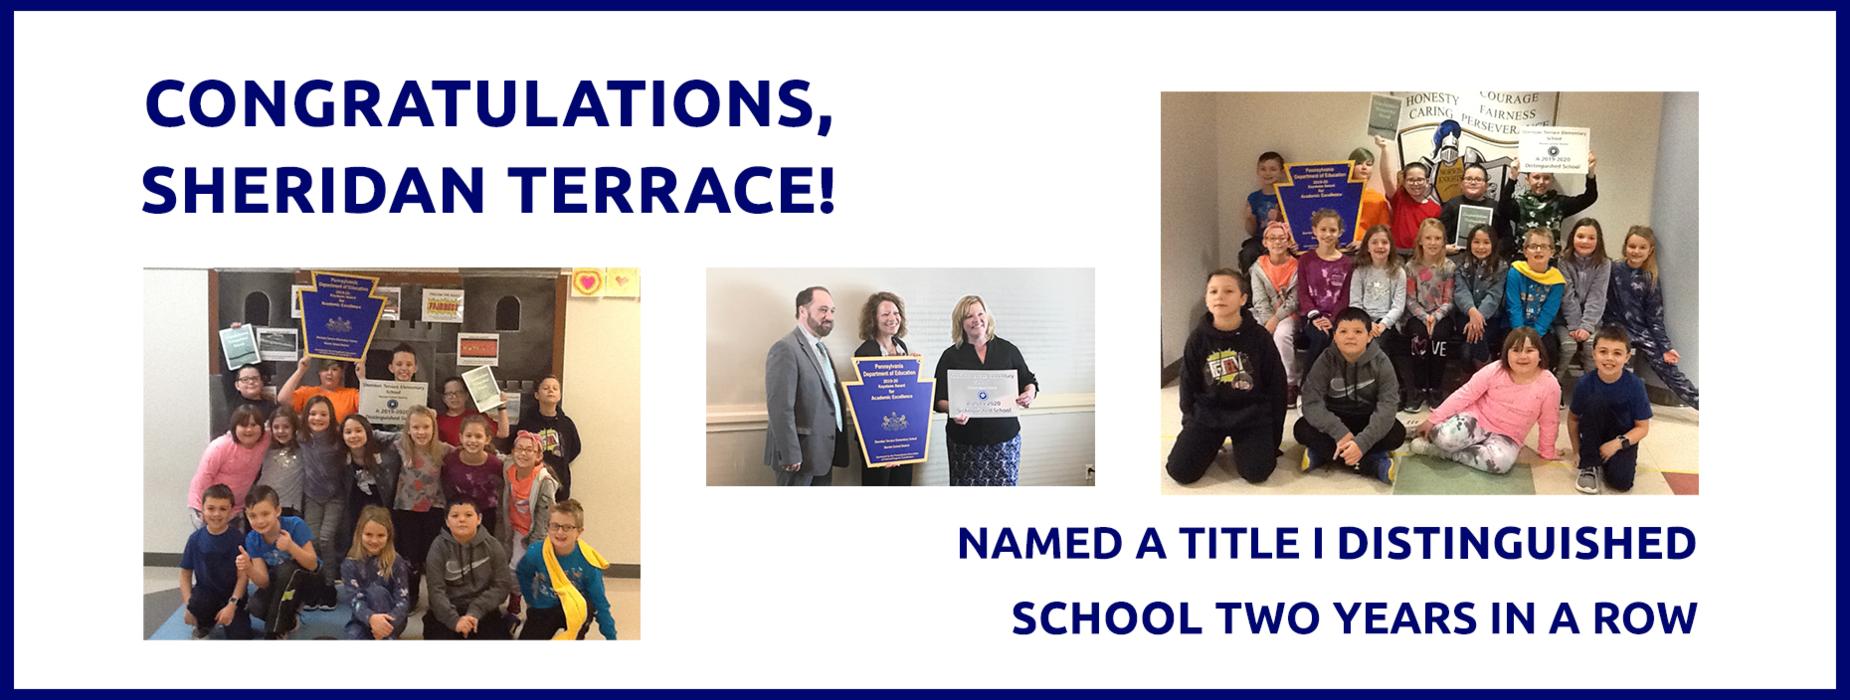 Sheridan Terrace Congratulations